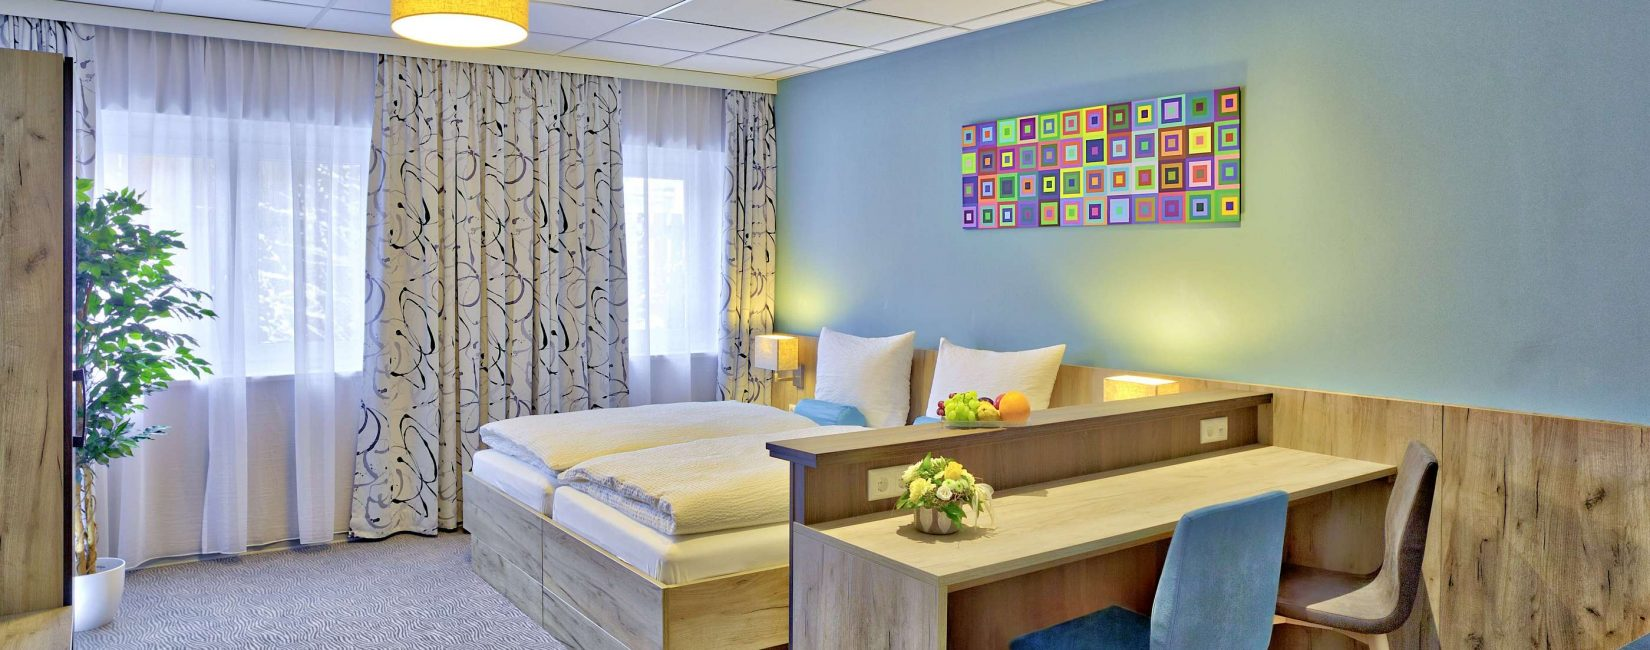 Zimmerpreis ab € 55,00